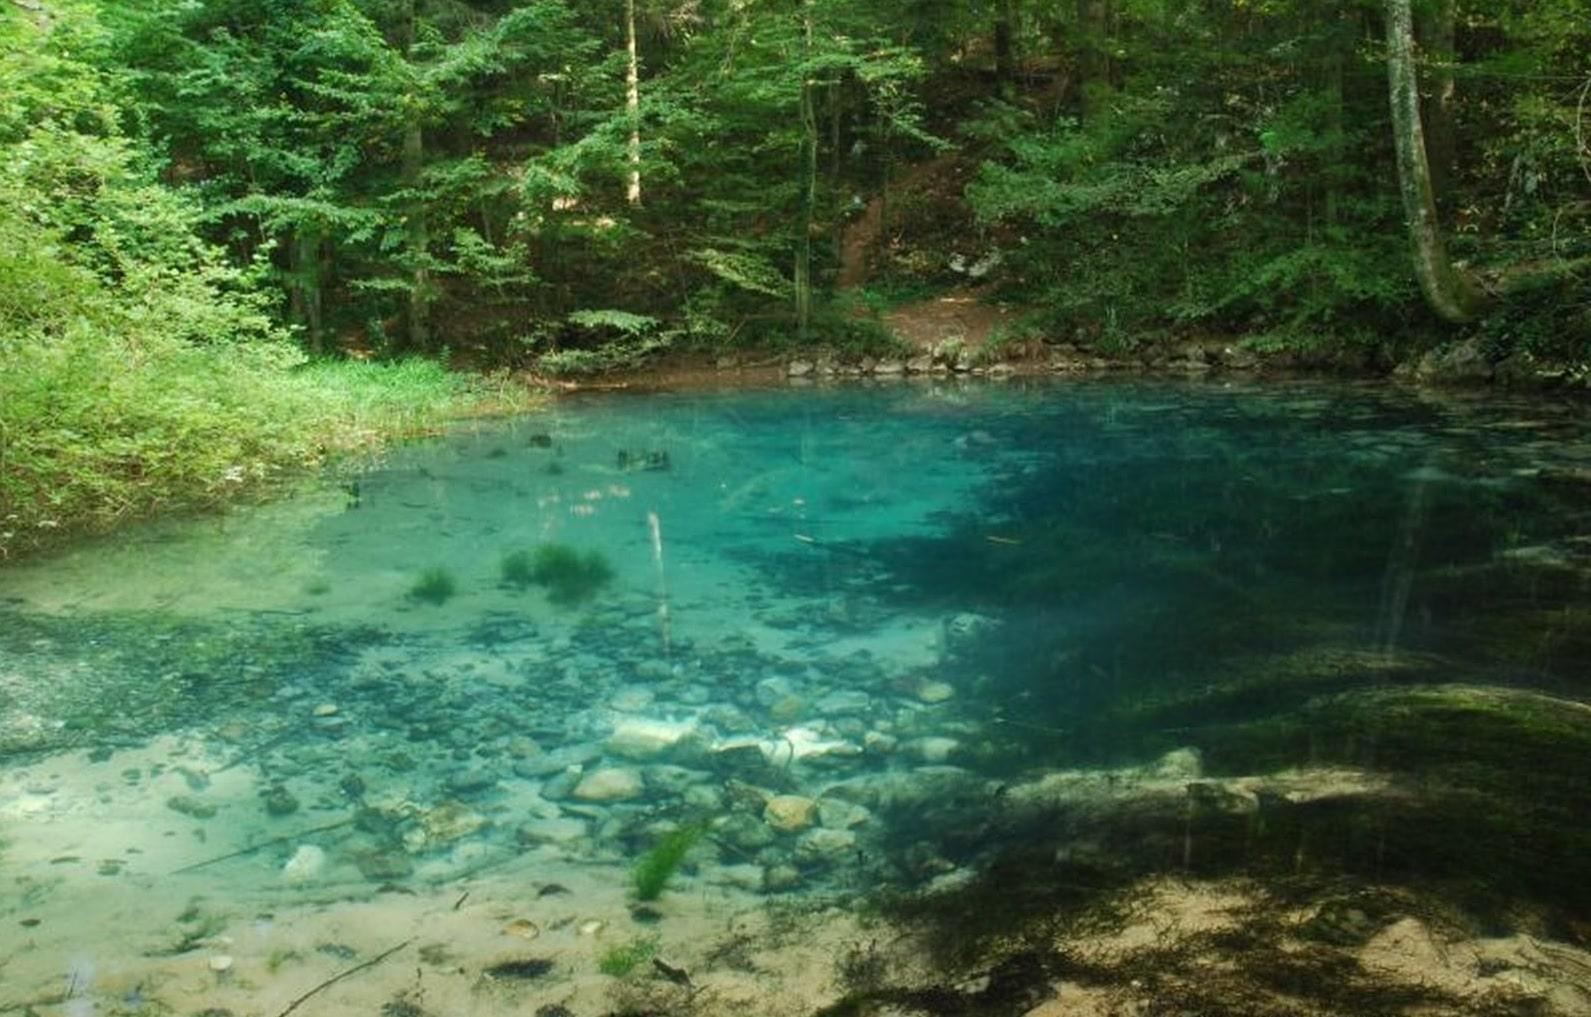 Lacul Ochiul Beiului, Parcul Naţional Cheile Nerei-BeuşniţaLacul Ochiul Beiului, Parcul Naţional Cheile Nerei-Beuşniţa